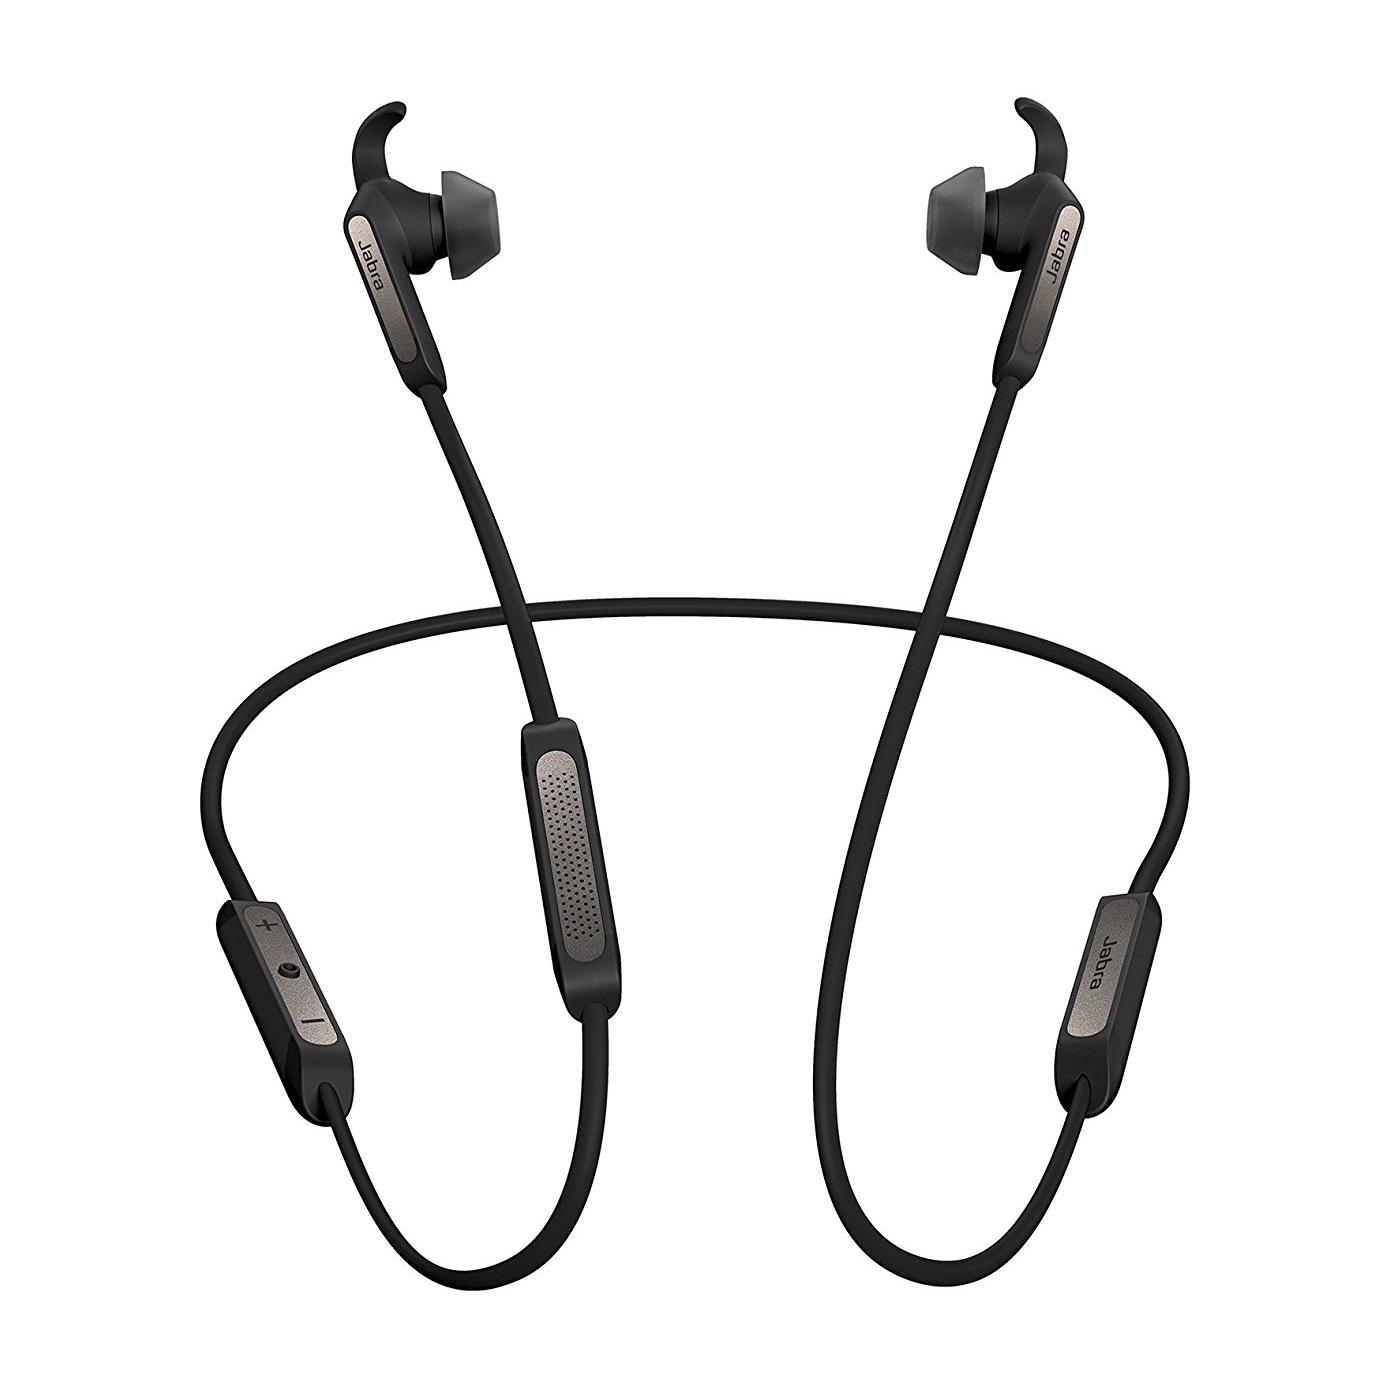 Jabra Elite 45e In-Ear Wireless Bluetooth Headphones - Black